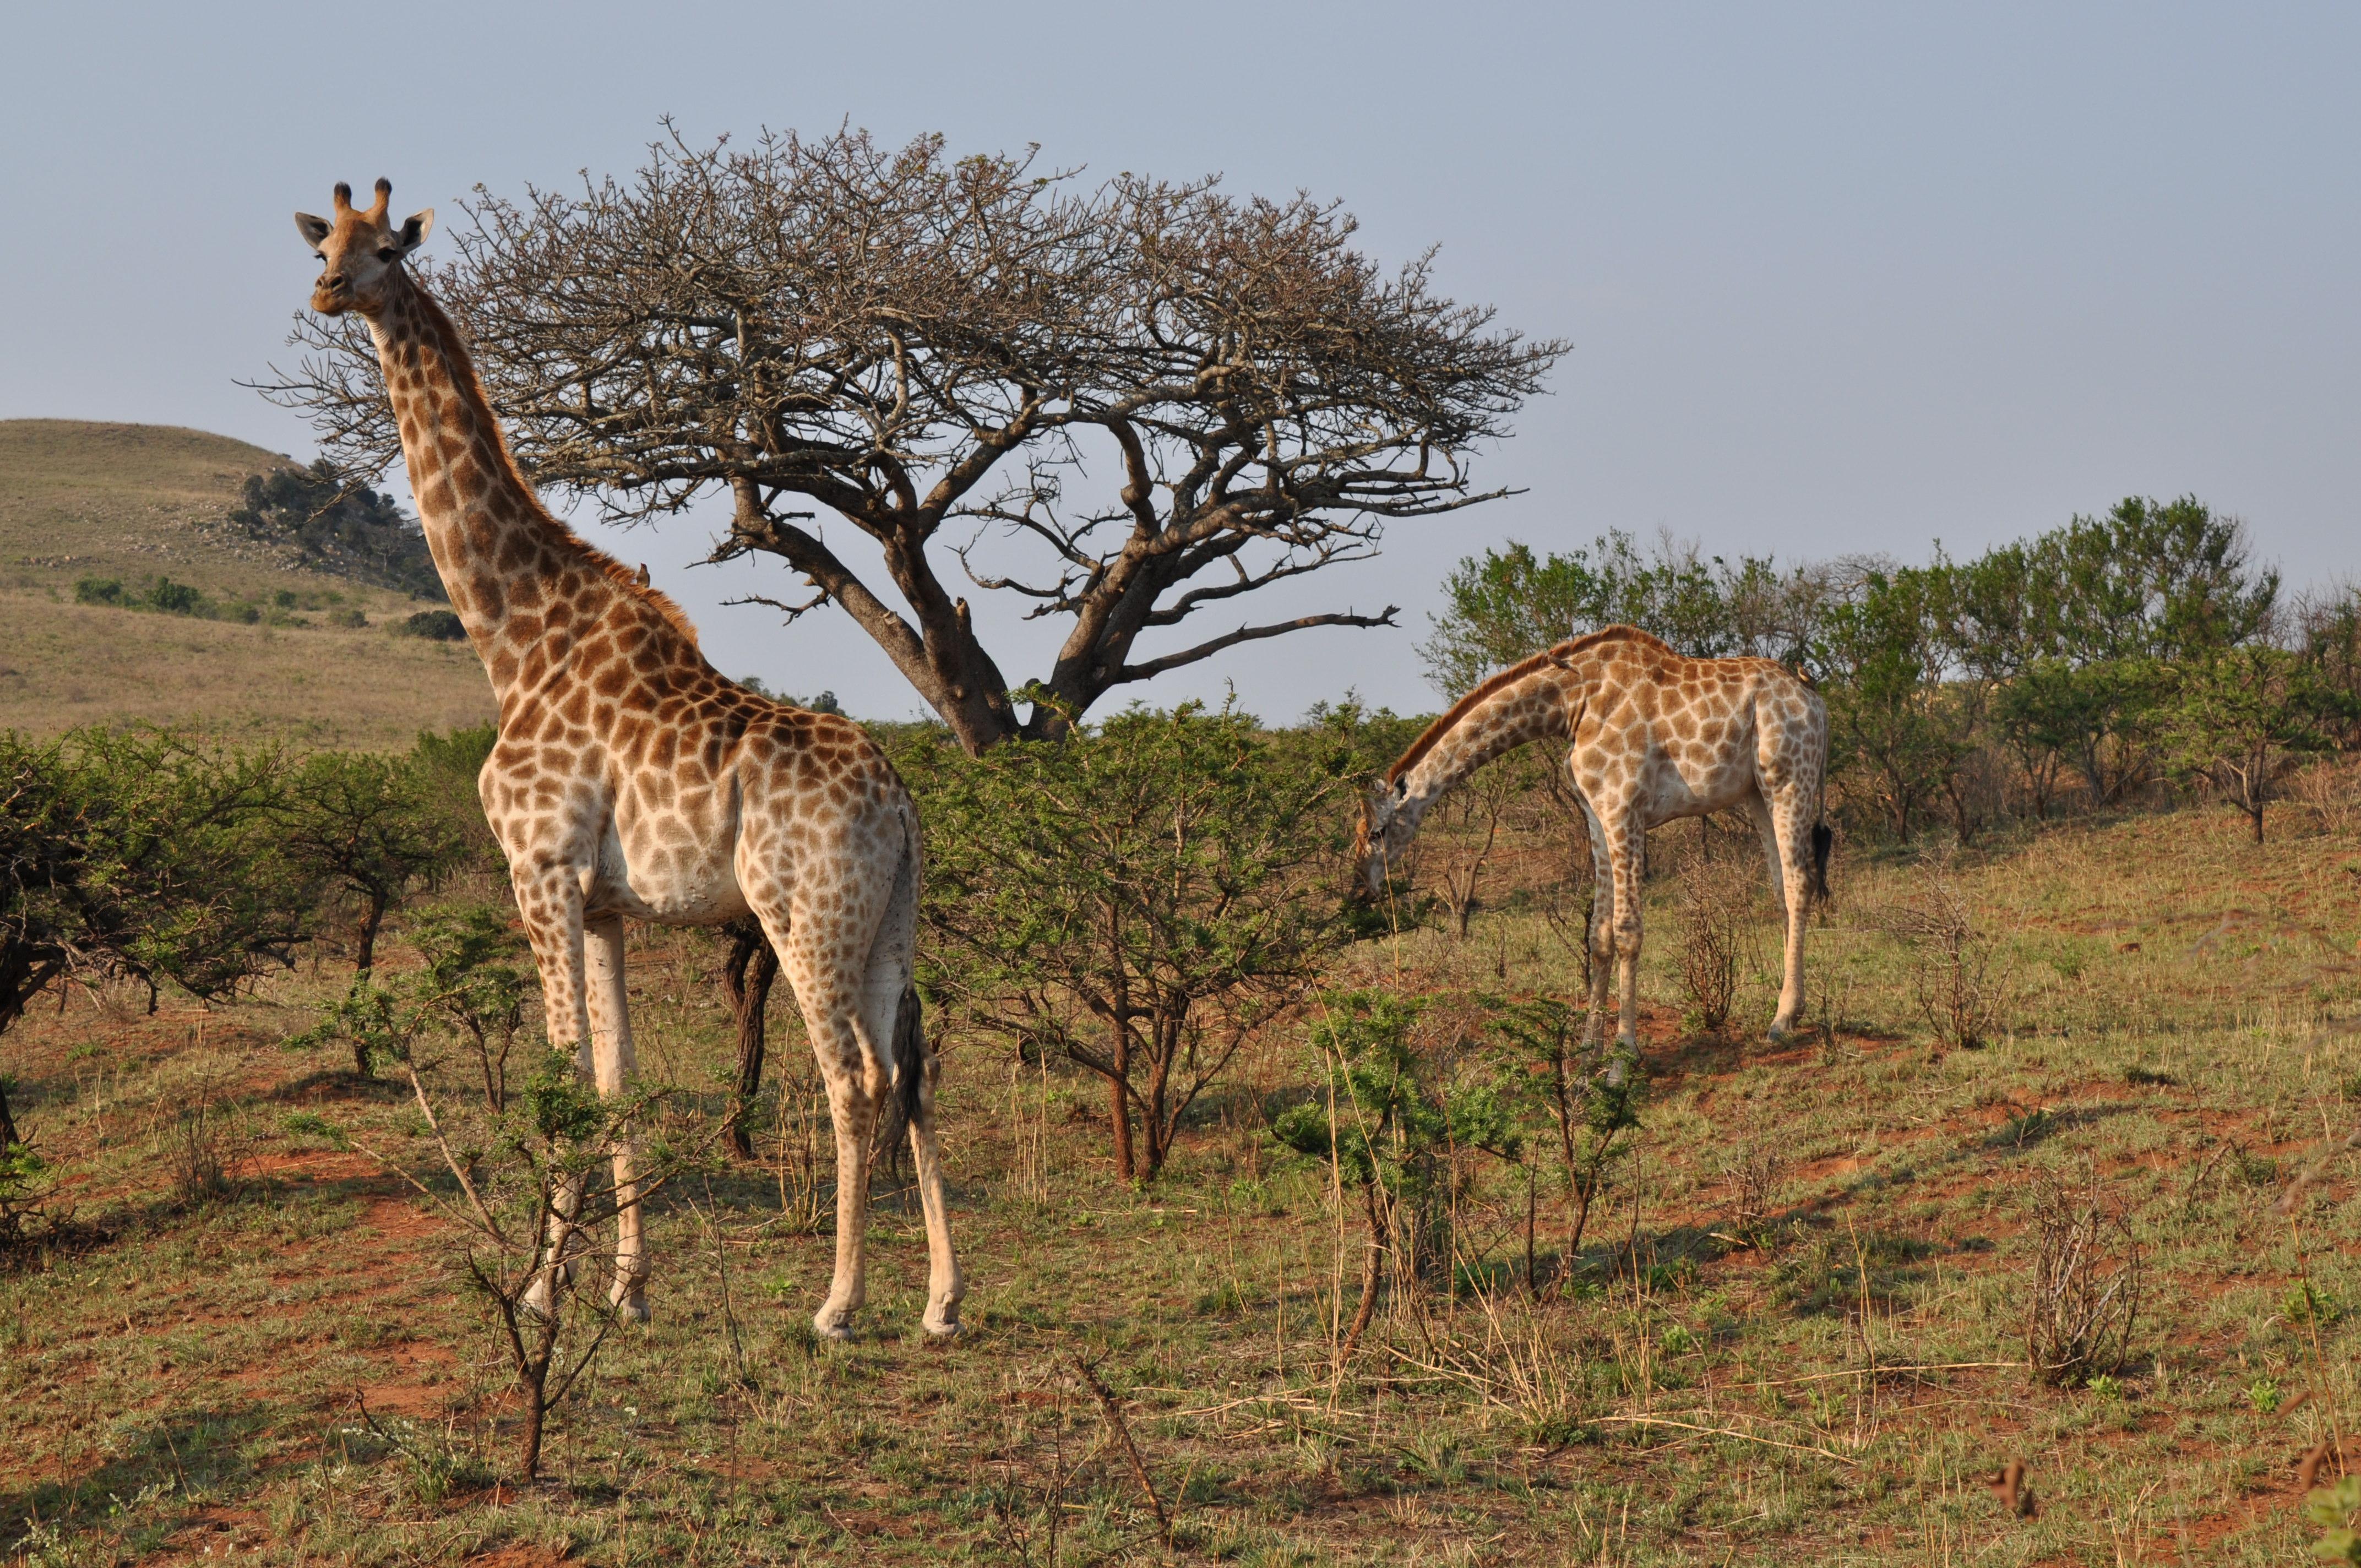 Parc national Kruger et réserves privées - Afrique du Sud